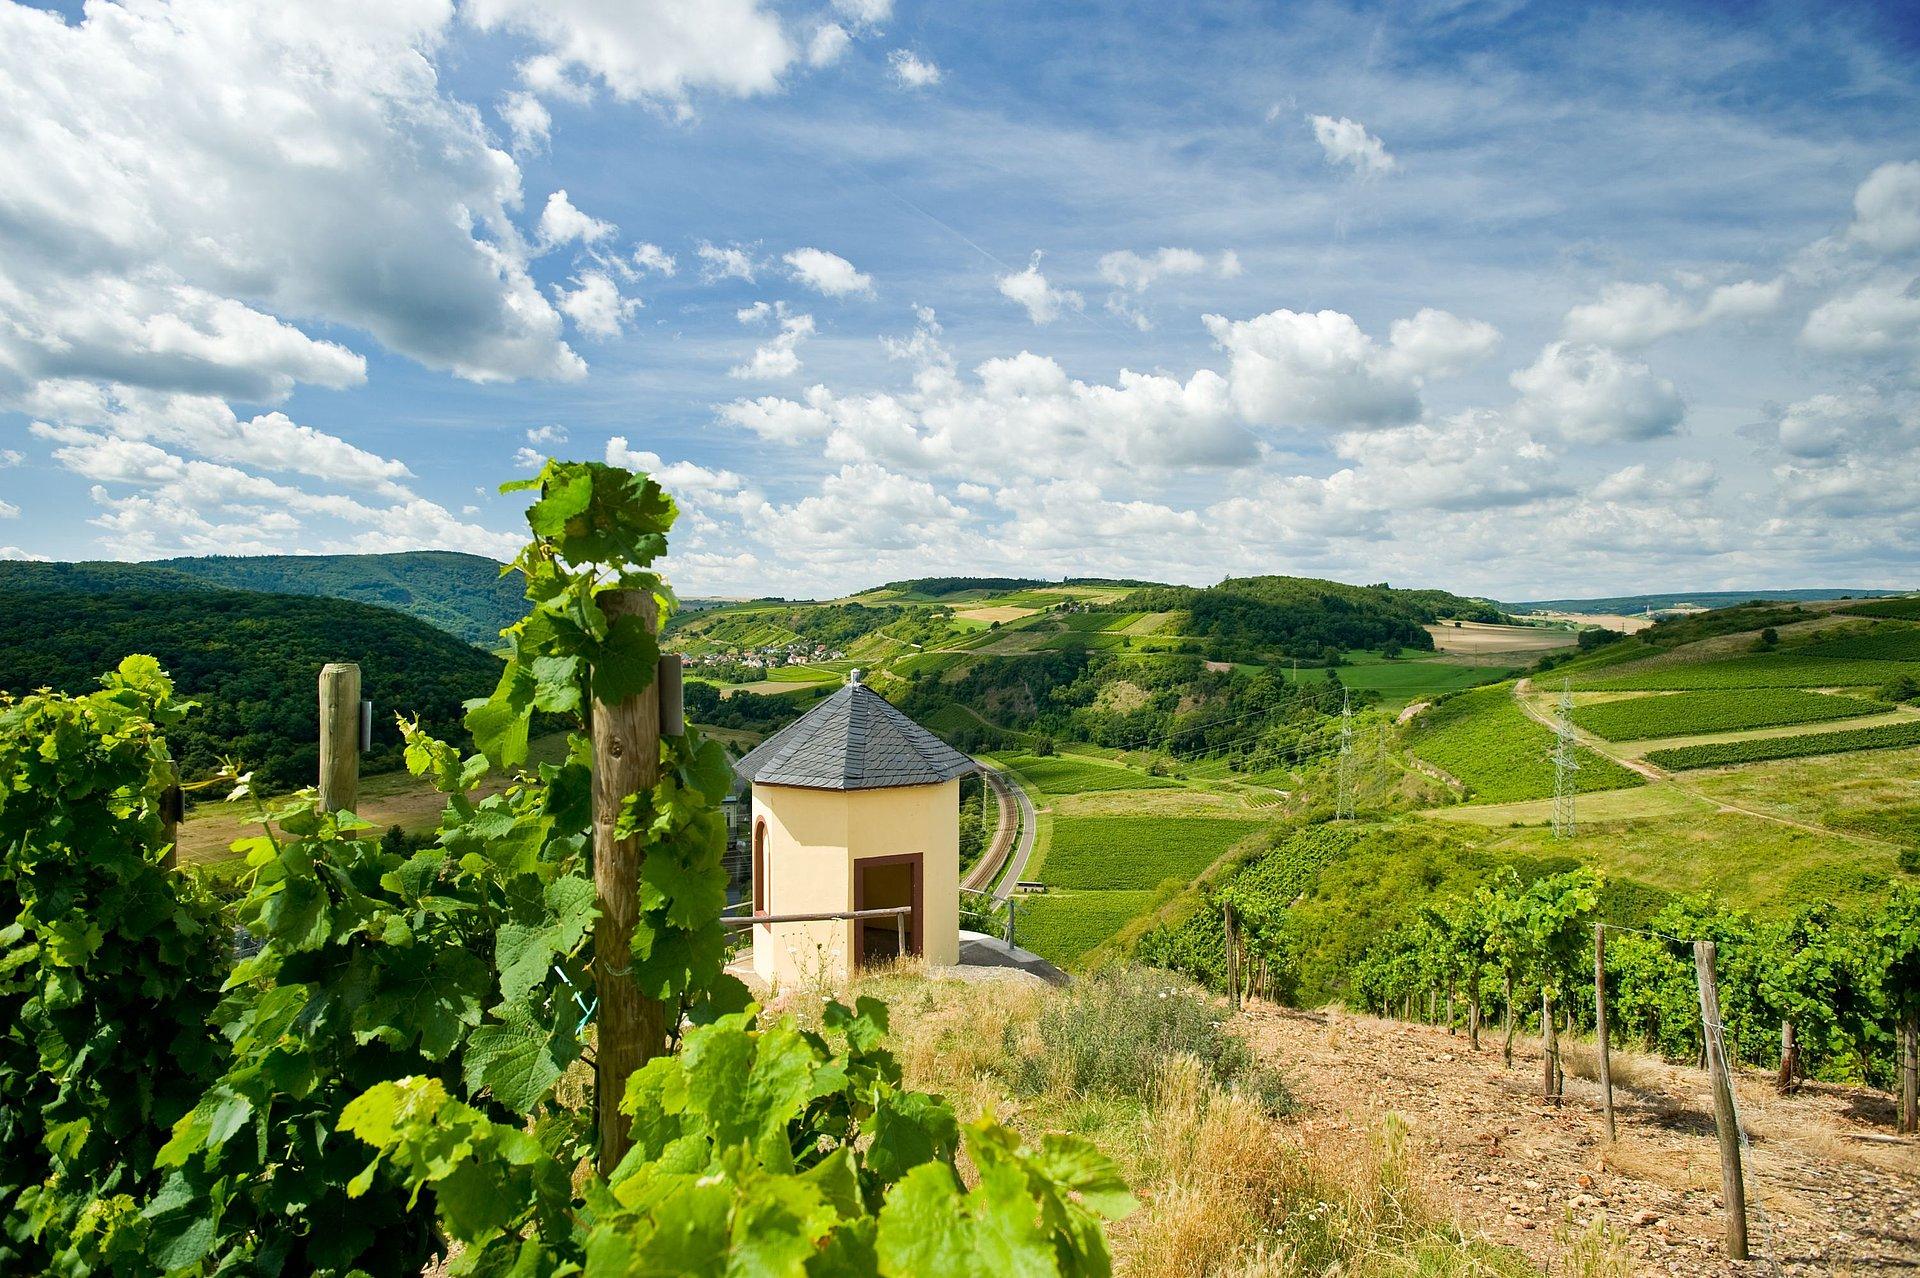 Blick auf die Weinlandschaft am Nahe-Radweg bei Norheim, Nahe